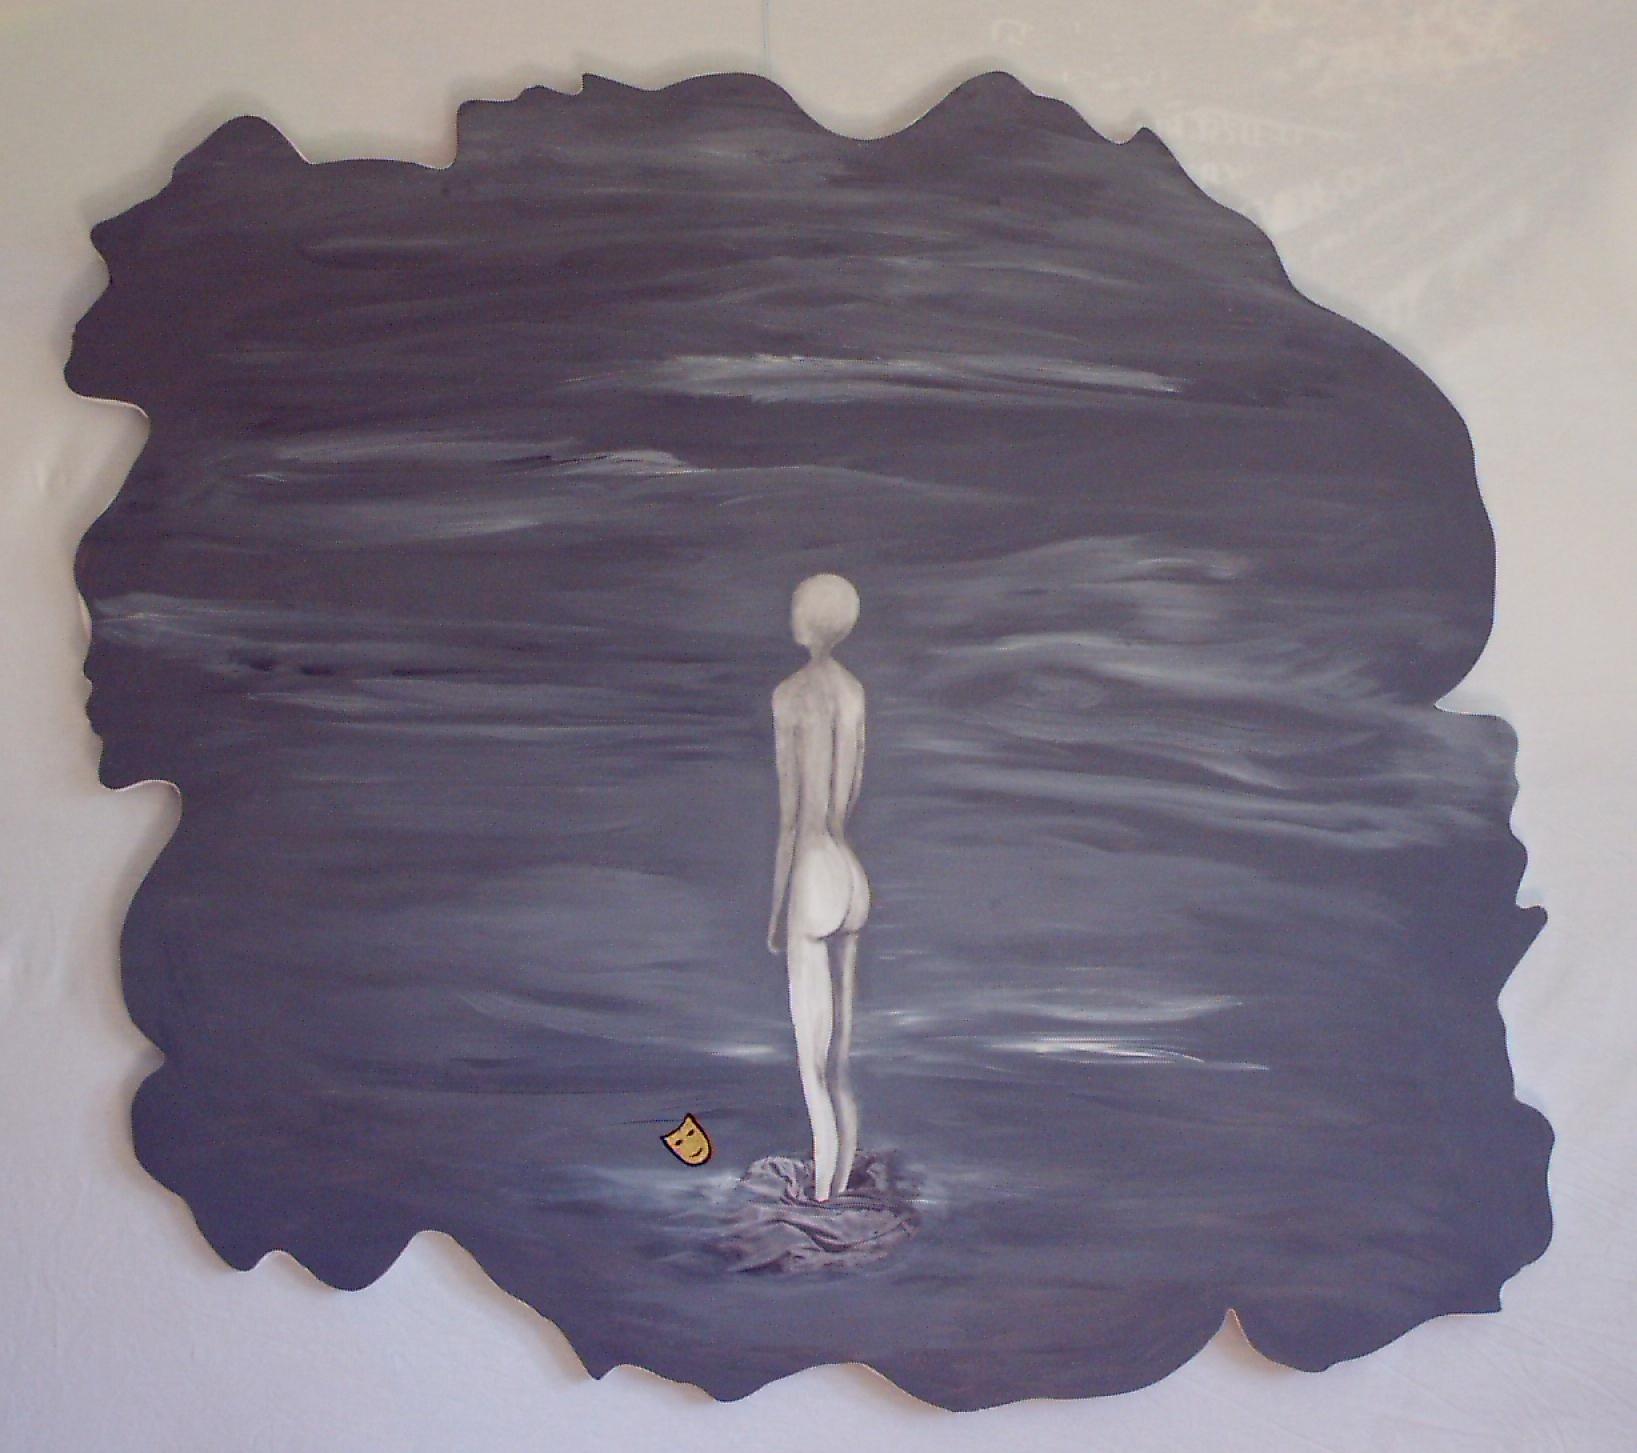 La forme nous informe - La forme nous informeLe lien entre extérieur et intérieur passe par l'aperçu de la forme.La forme nous in-forme de l'invisible, de l'in palpable.Les toiles coupées en multi visages comme un morceau de puzzle découpé dans le grand UNLa forme nous !n-forme du retour au sans forme, « l'invisible »